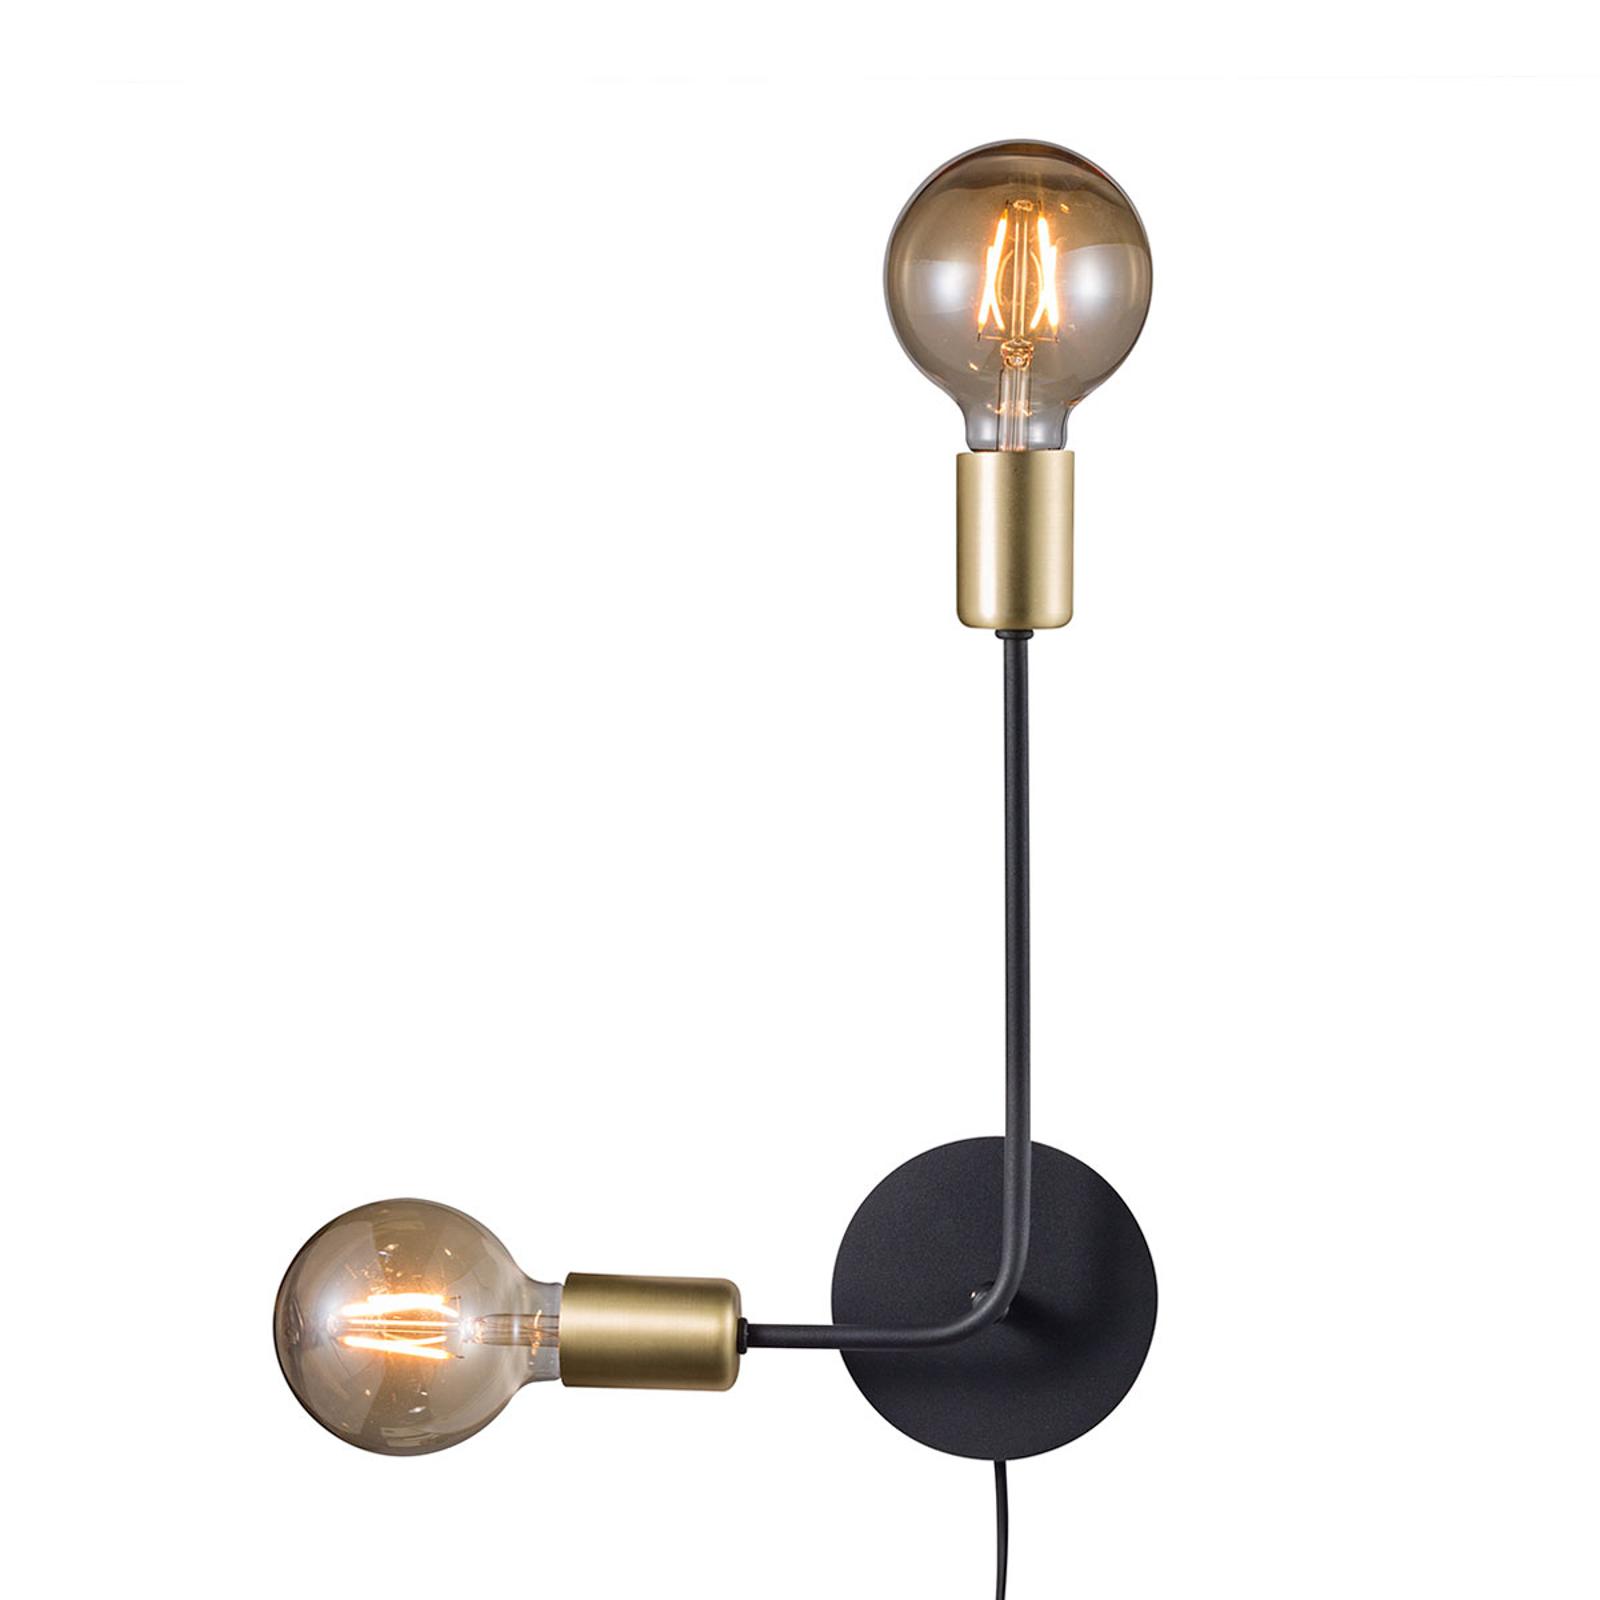 Vägglampa Josefine med kabel och kontakt